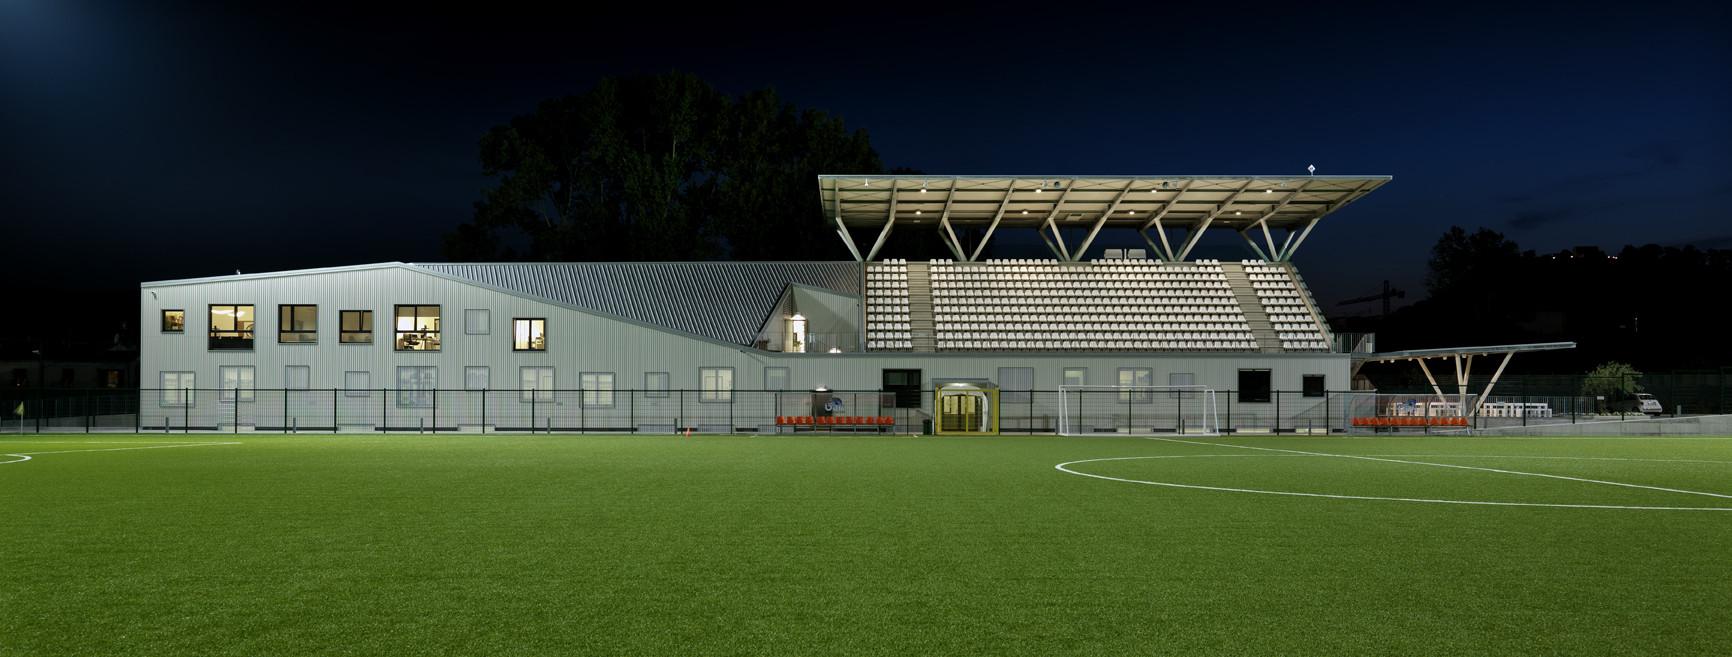 Ferdeghini Sport Complex / Frigerio Design Group, © Enrico Cano